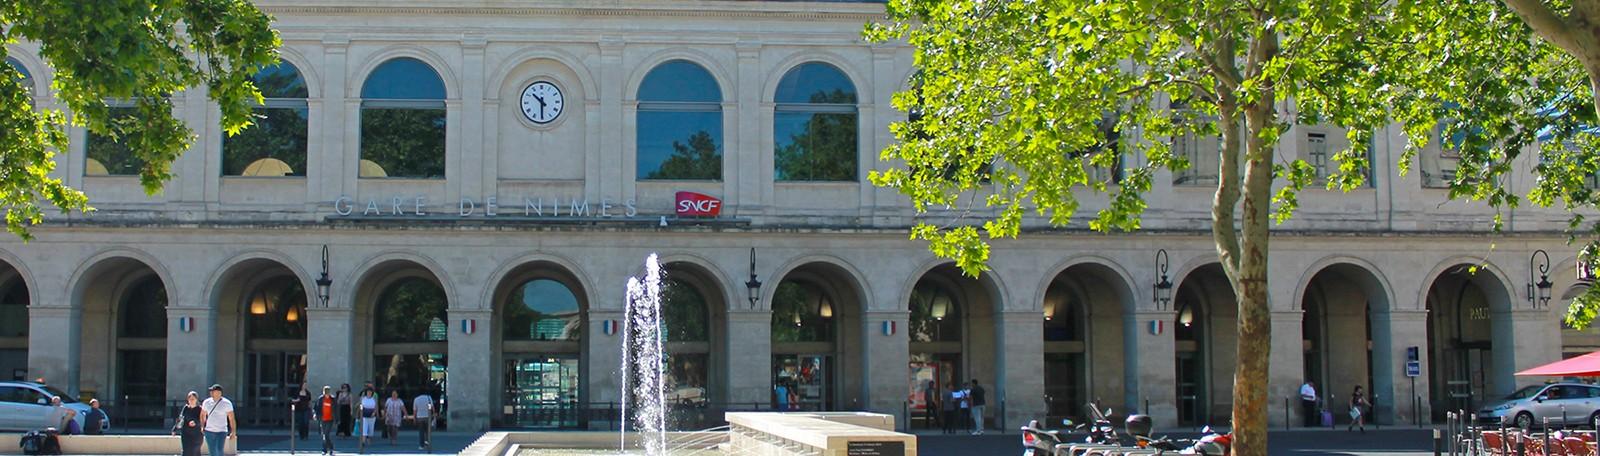 Réservation parking gare Feuchères Nîmes